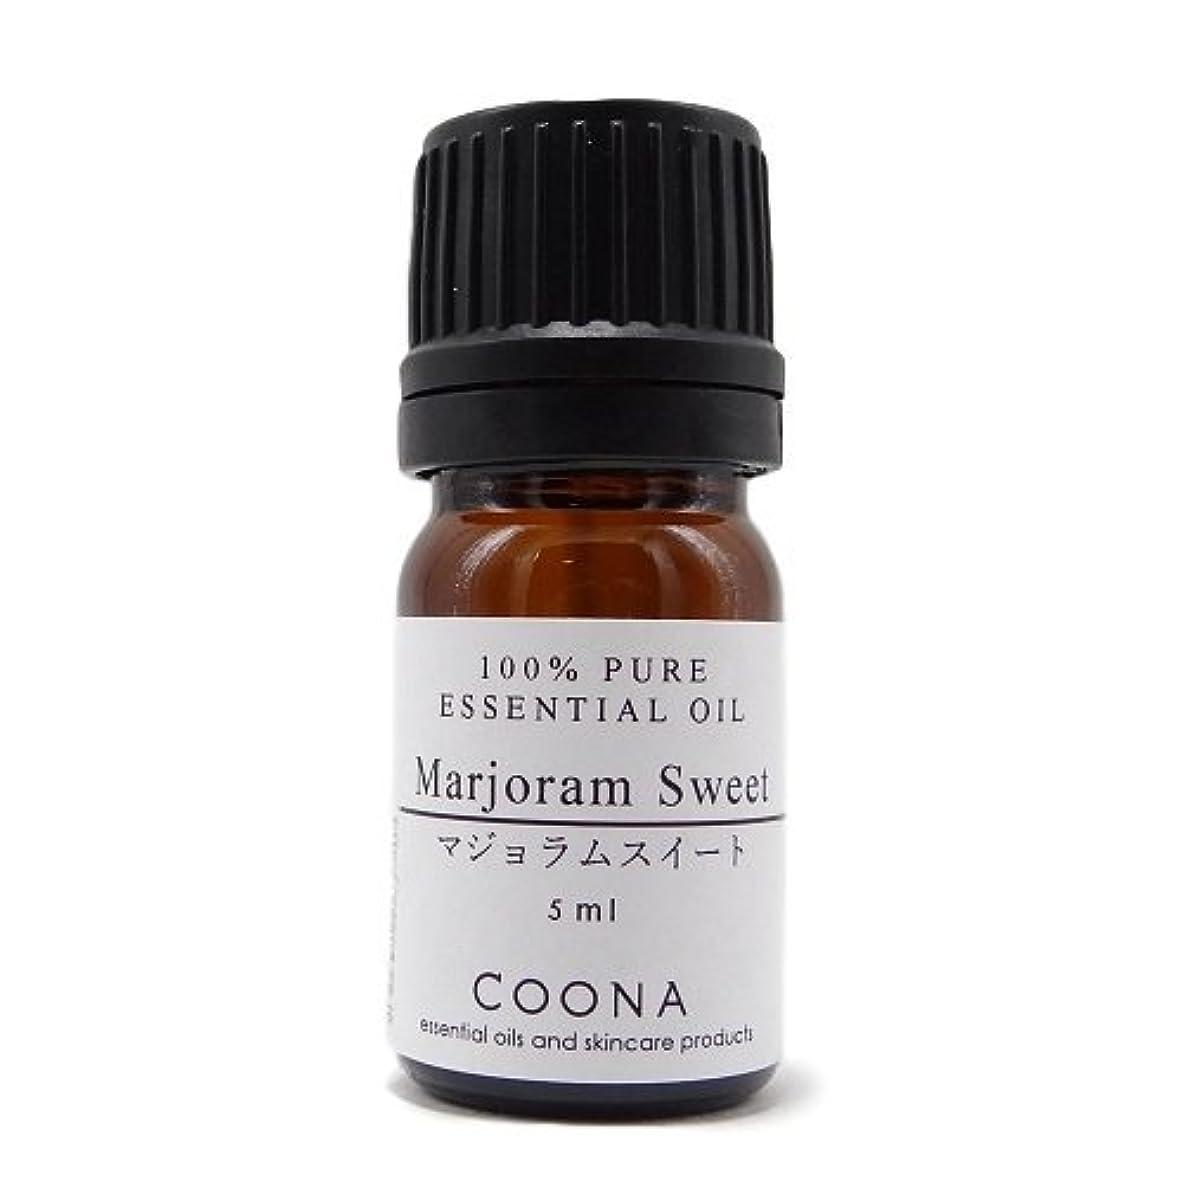 離れたセクション抜本的なマジョラム スイート 5 ml (COONA エッセンシャルオイル アロマオイル 100%天然植物精油)